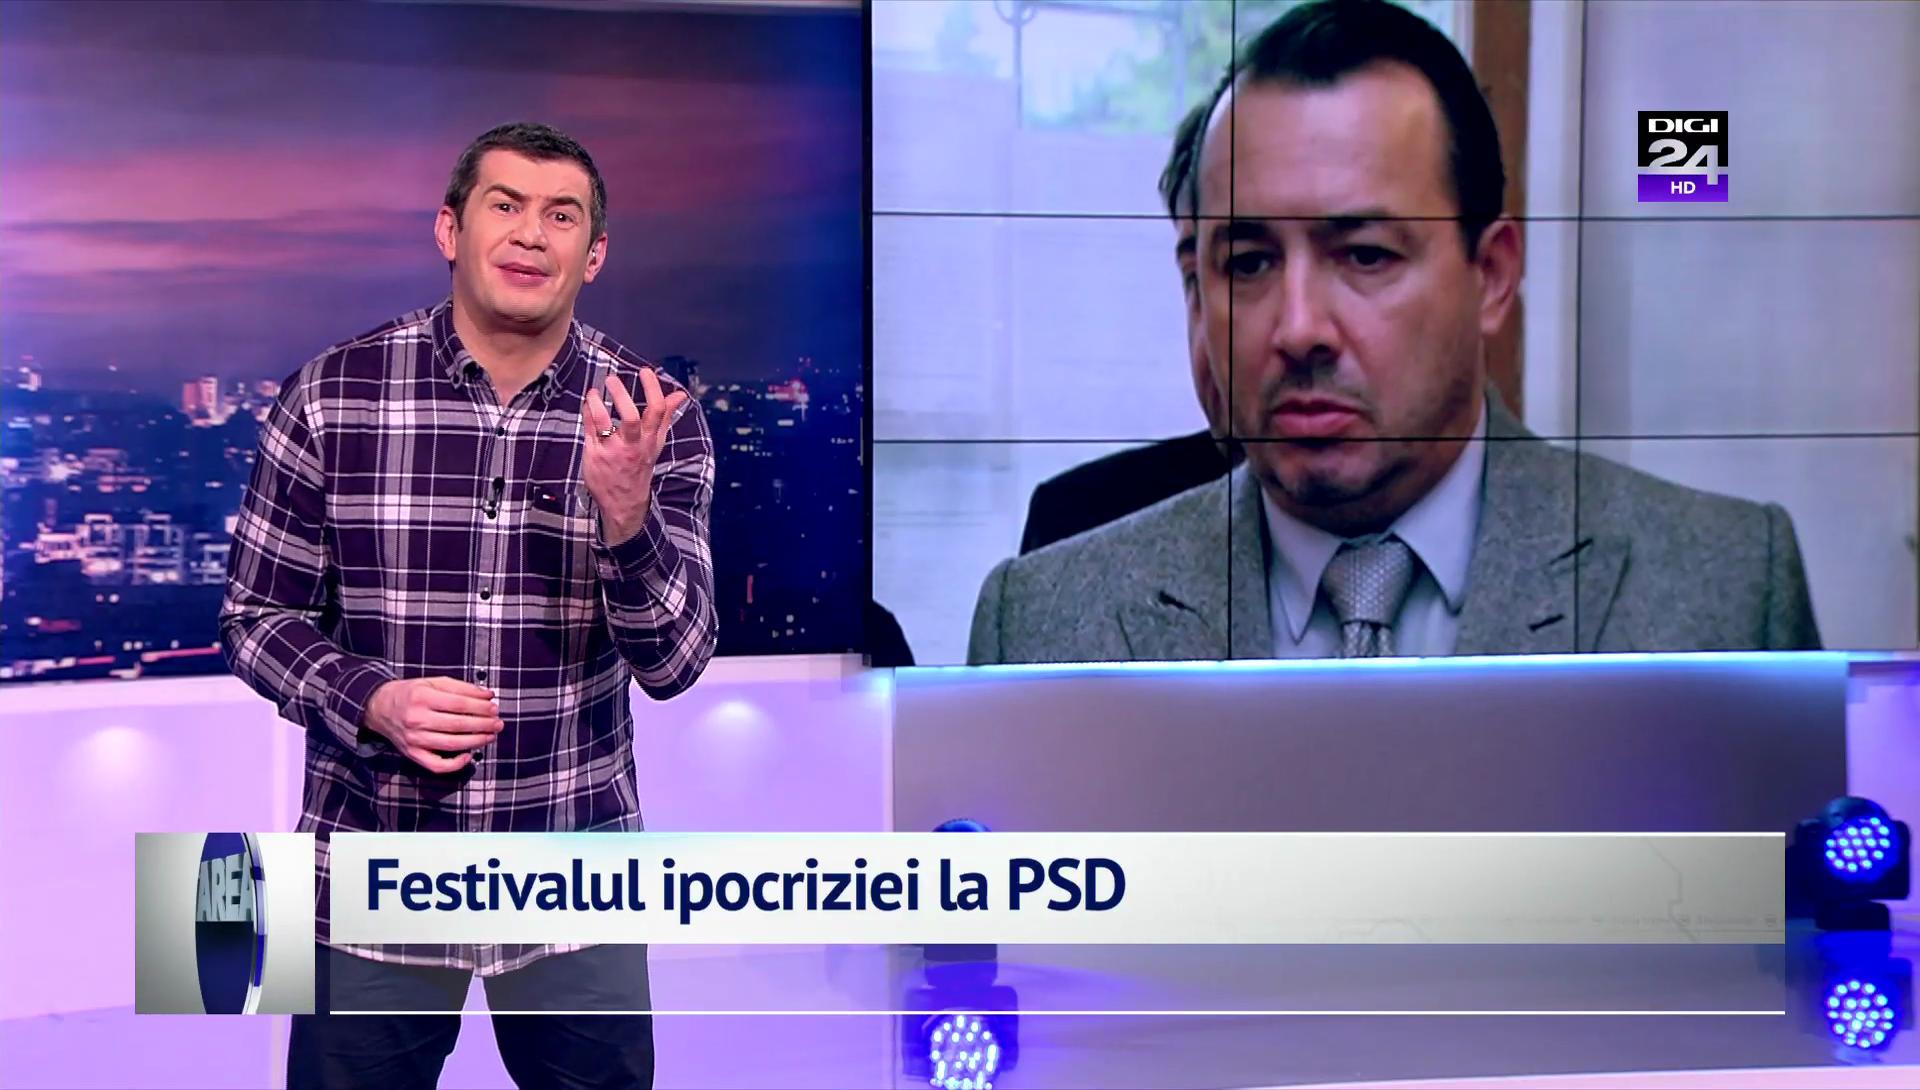 Festivalul ipocriziei la PSD